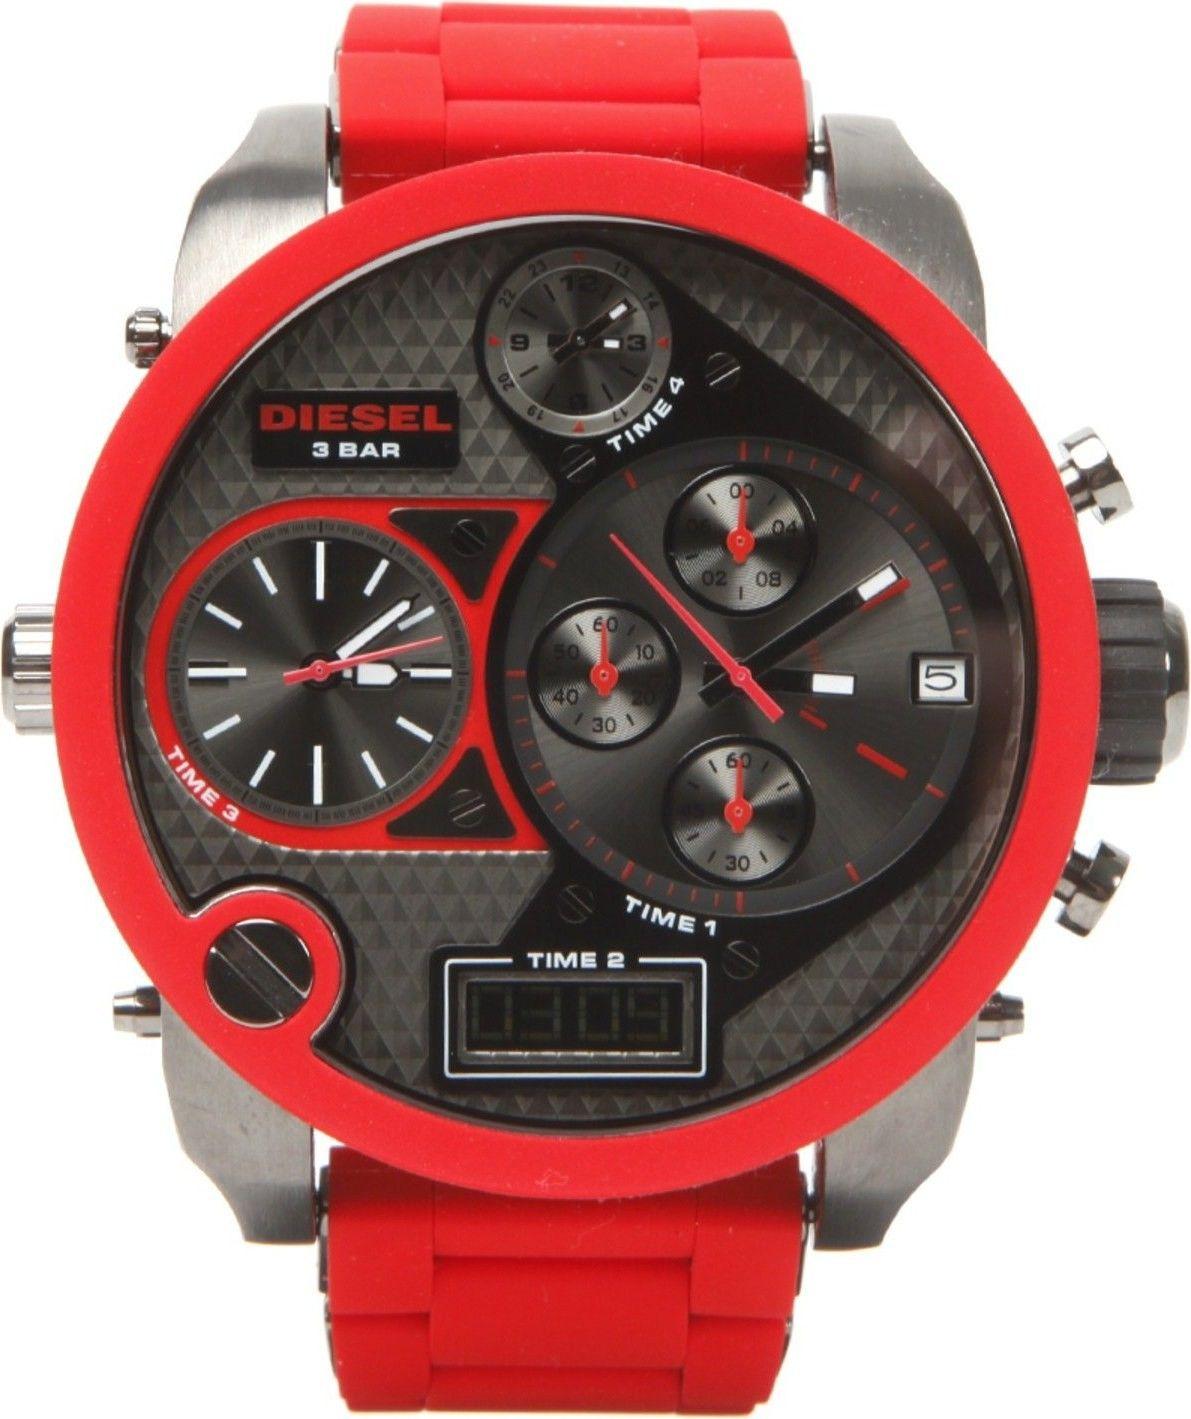 67a184e8b046 reloj en rojo - Buscar con Google